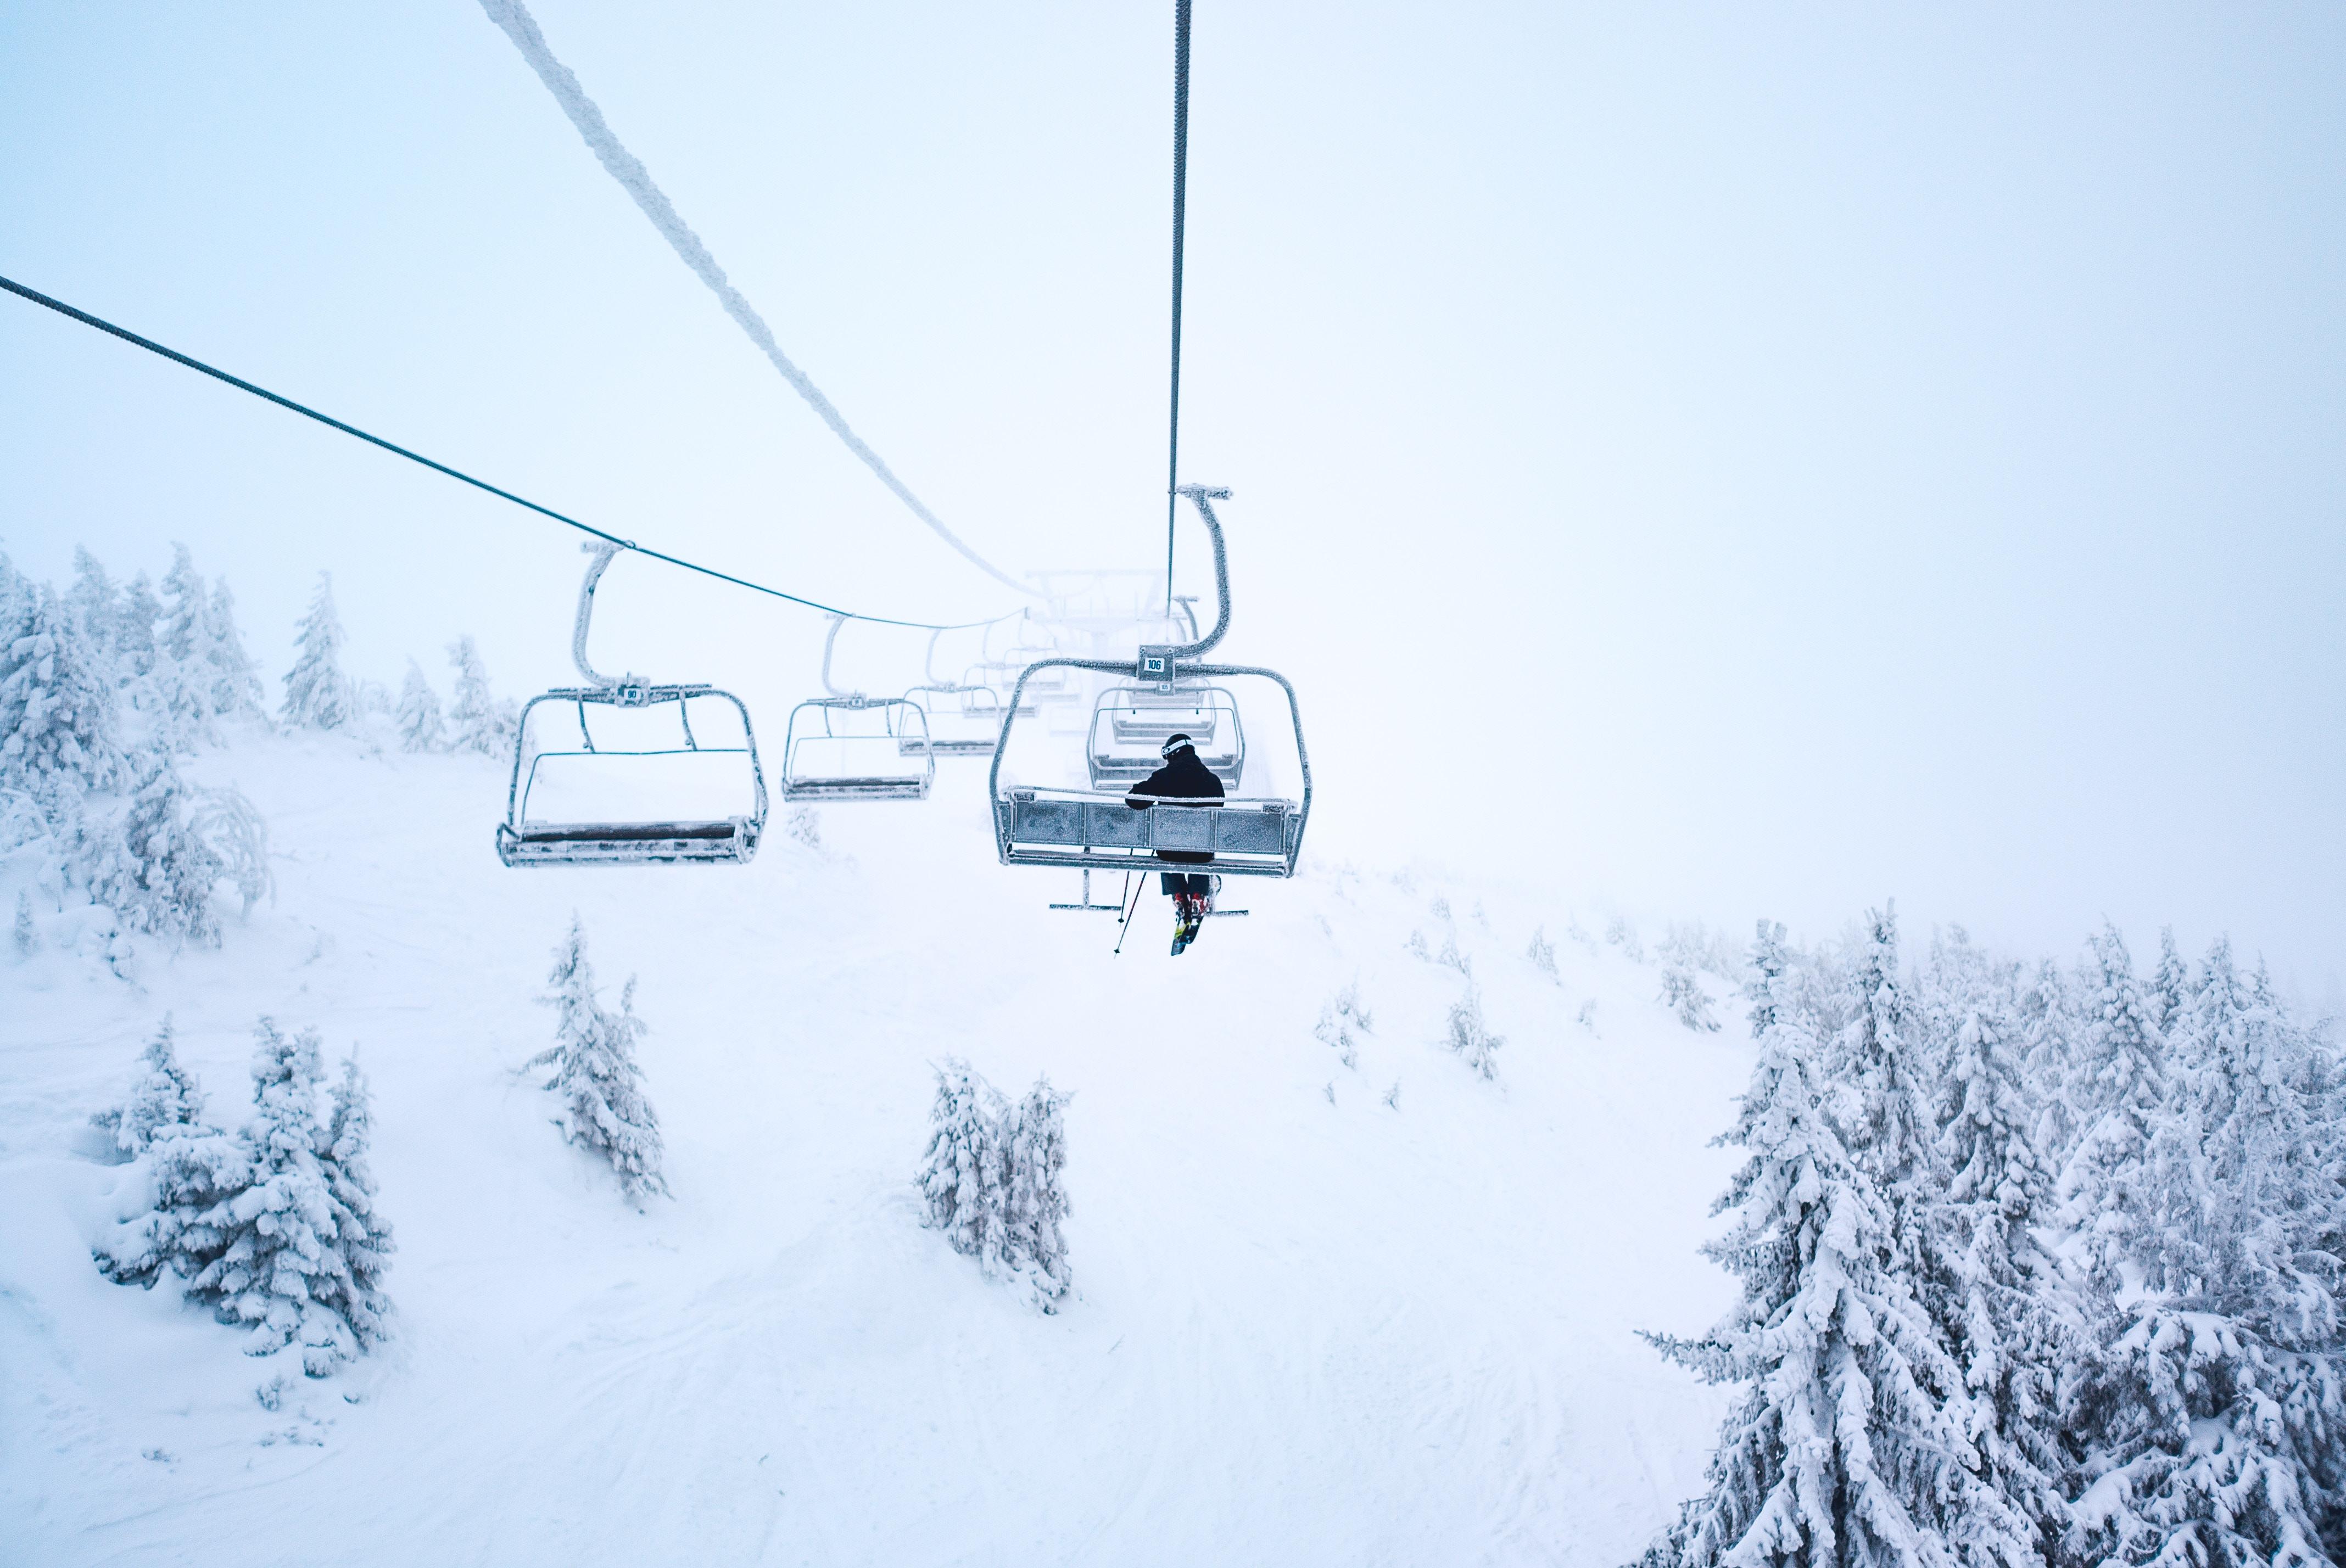 2022 Trip to Banff, Canada